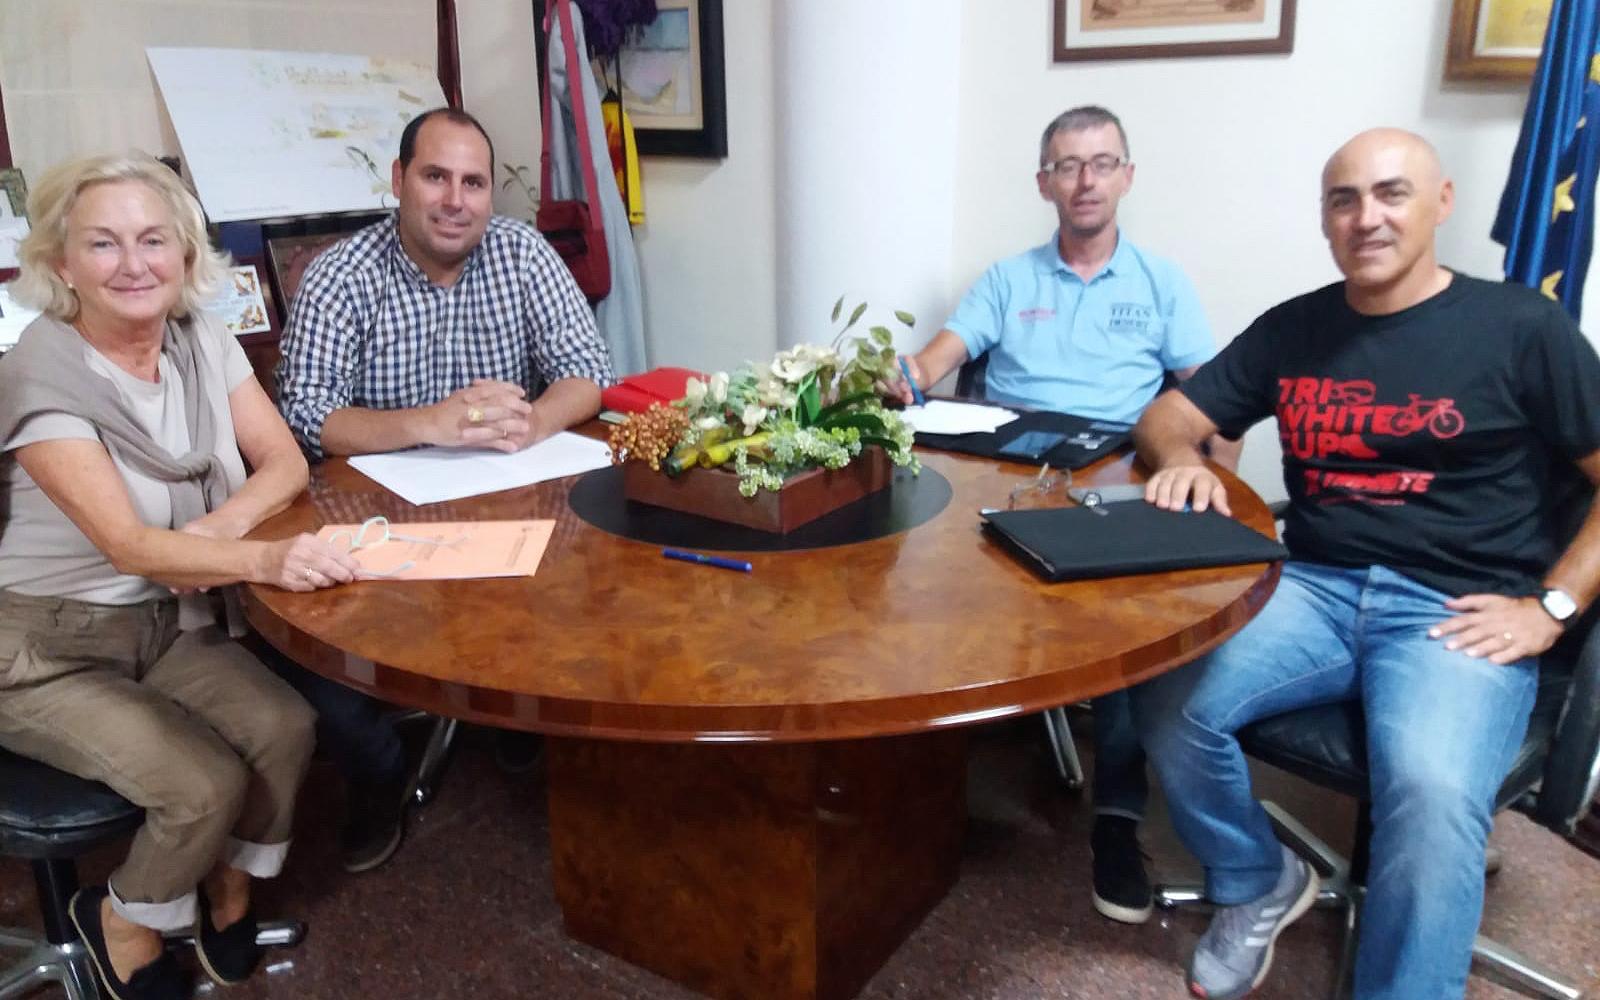 El concejal de Personal y Seguridad Ciudadana se reúne con UGT Santa Pola para mejorar las condiciones de trabajo de la Policía Local